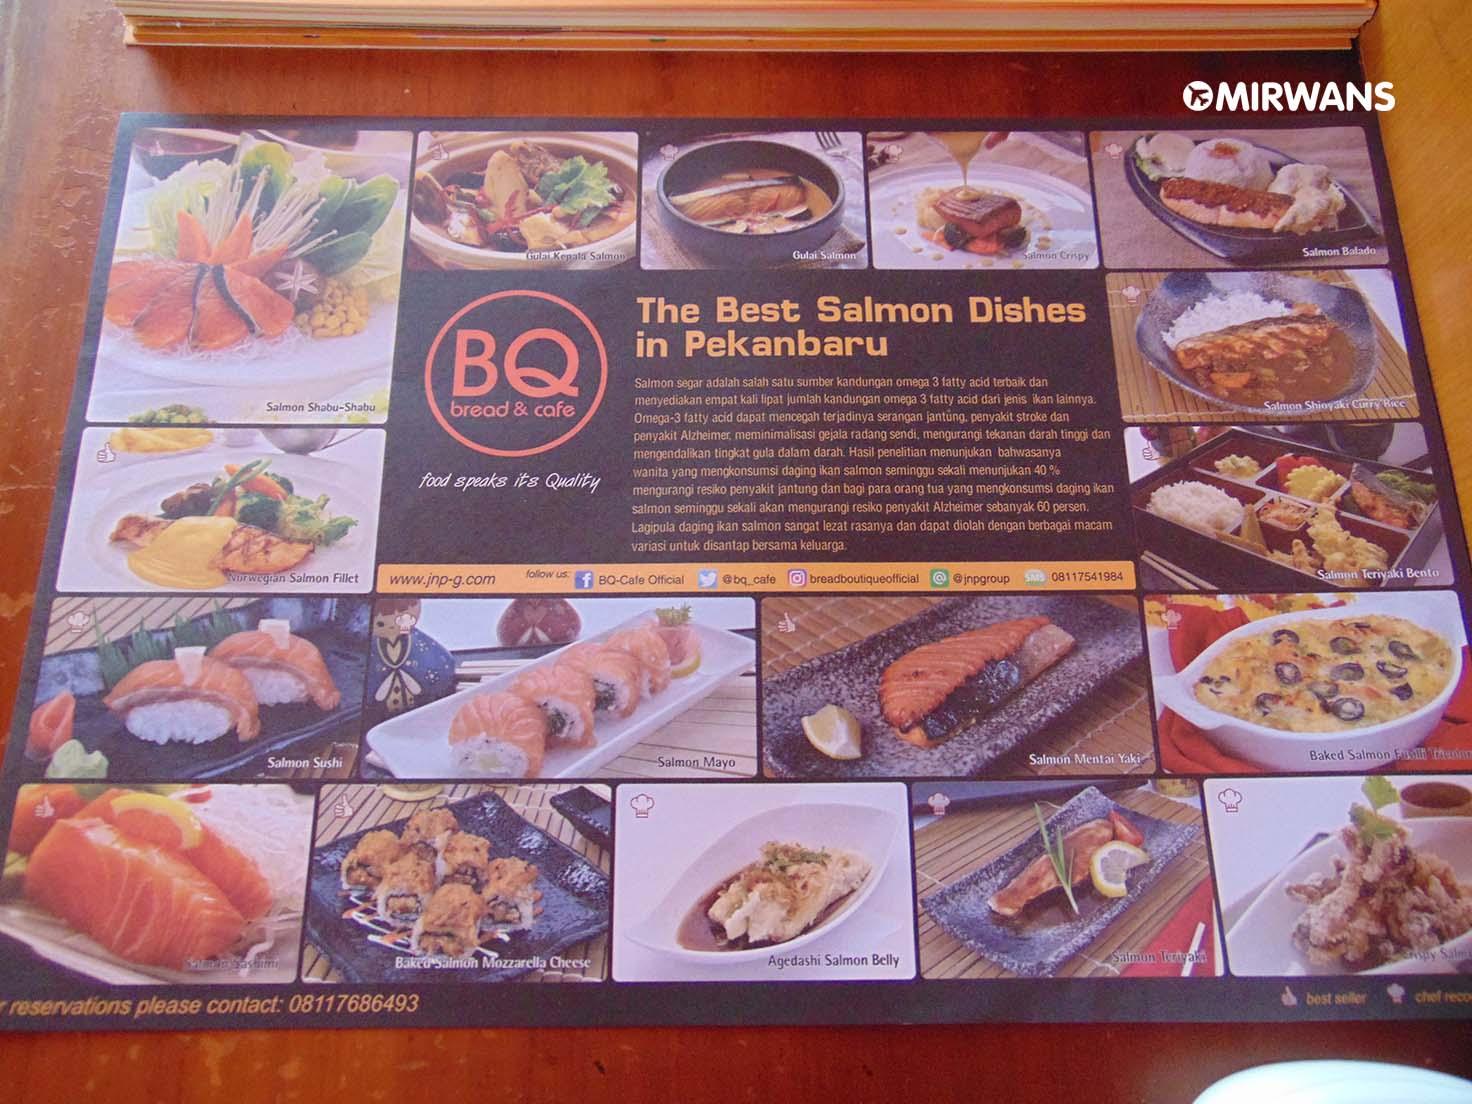 BQ Bread Boutique, Tempat Makan Olahan Ikan Salmon di Pekanbaru, tempat makan keluarga di pekanbaru  kuliner malam di pekanbaru  tempat makan enak di panam pekanbaru  kuliner pekanbaru 2018  tempat dinner romantis di pekanbaru  cafe di pekanbaru  pondok gurih rumah makan pekanbaru city riau  kuliner khas pekanbaru